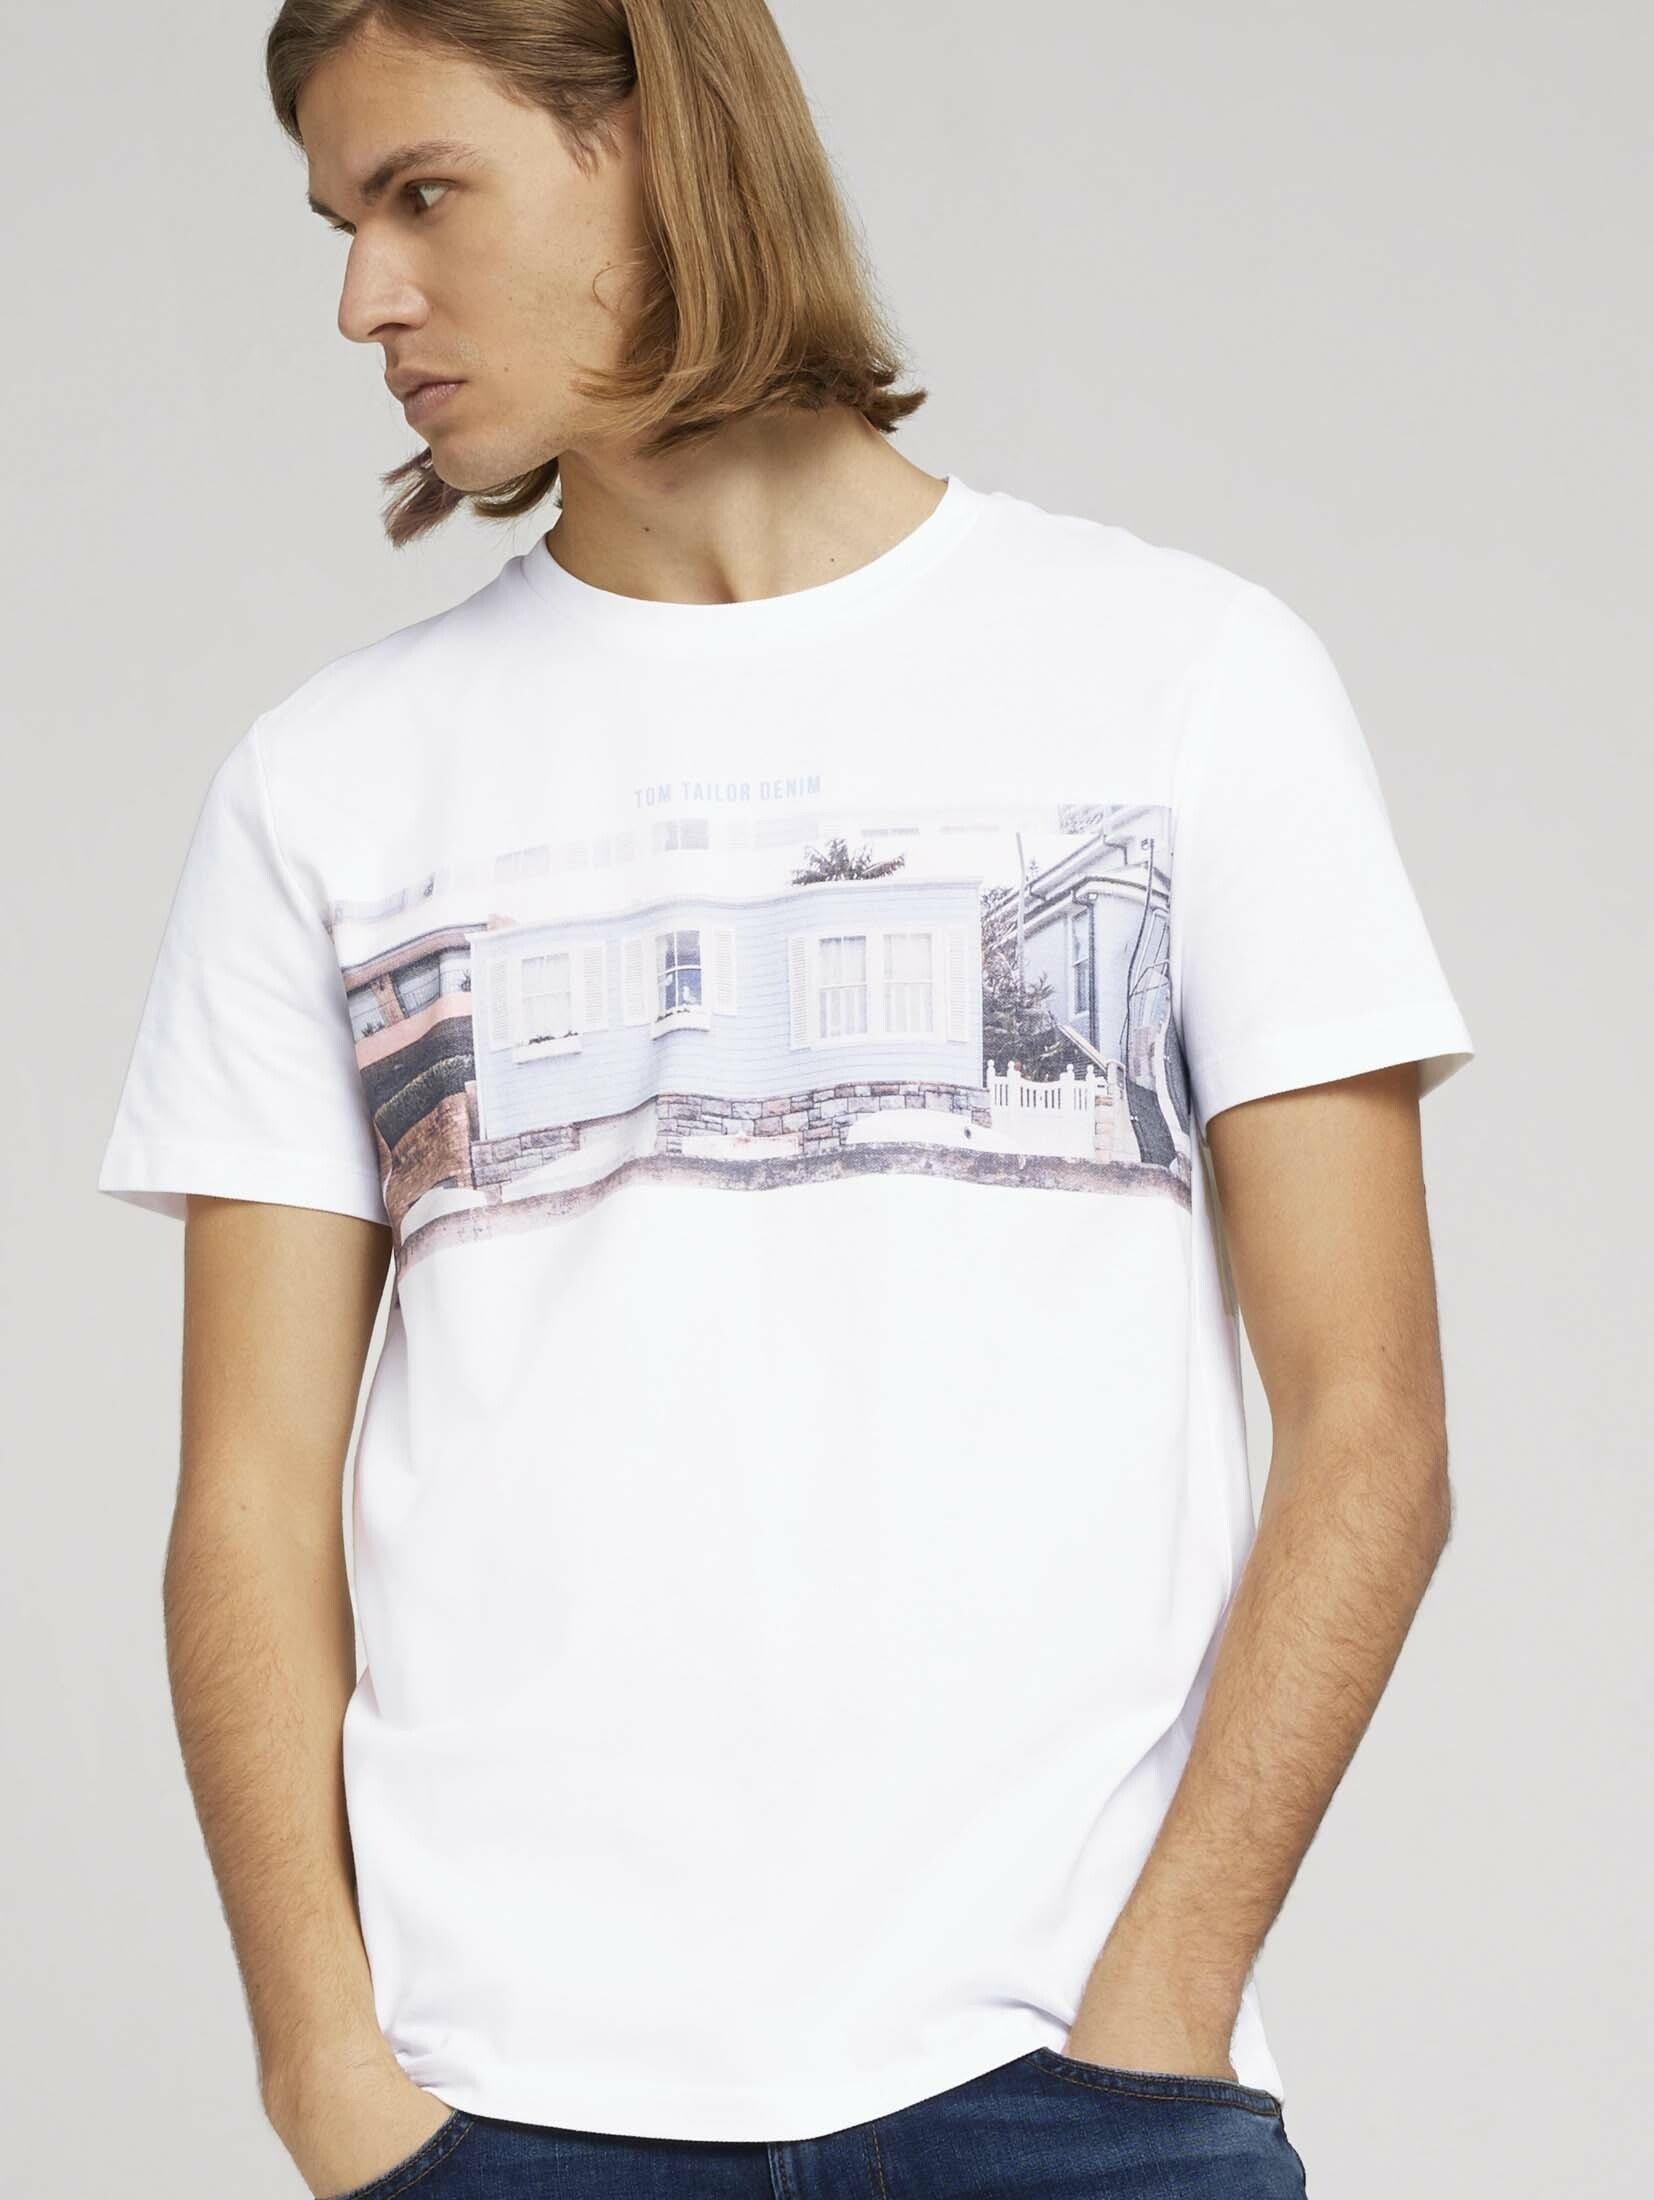 Tom Tailor Denim T-shirt »T-Shirt mit Fotoprint« voordelig en veilig online kopen